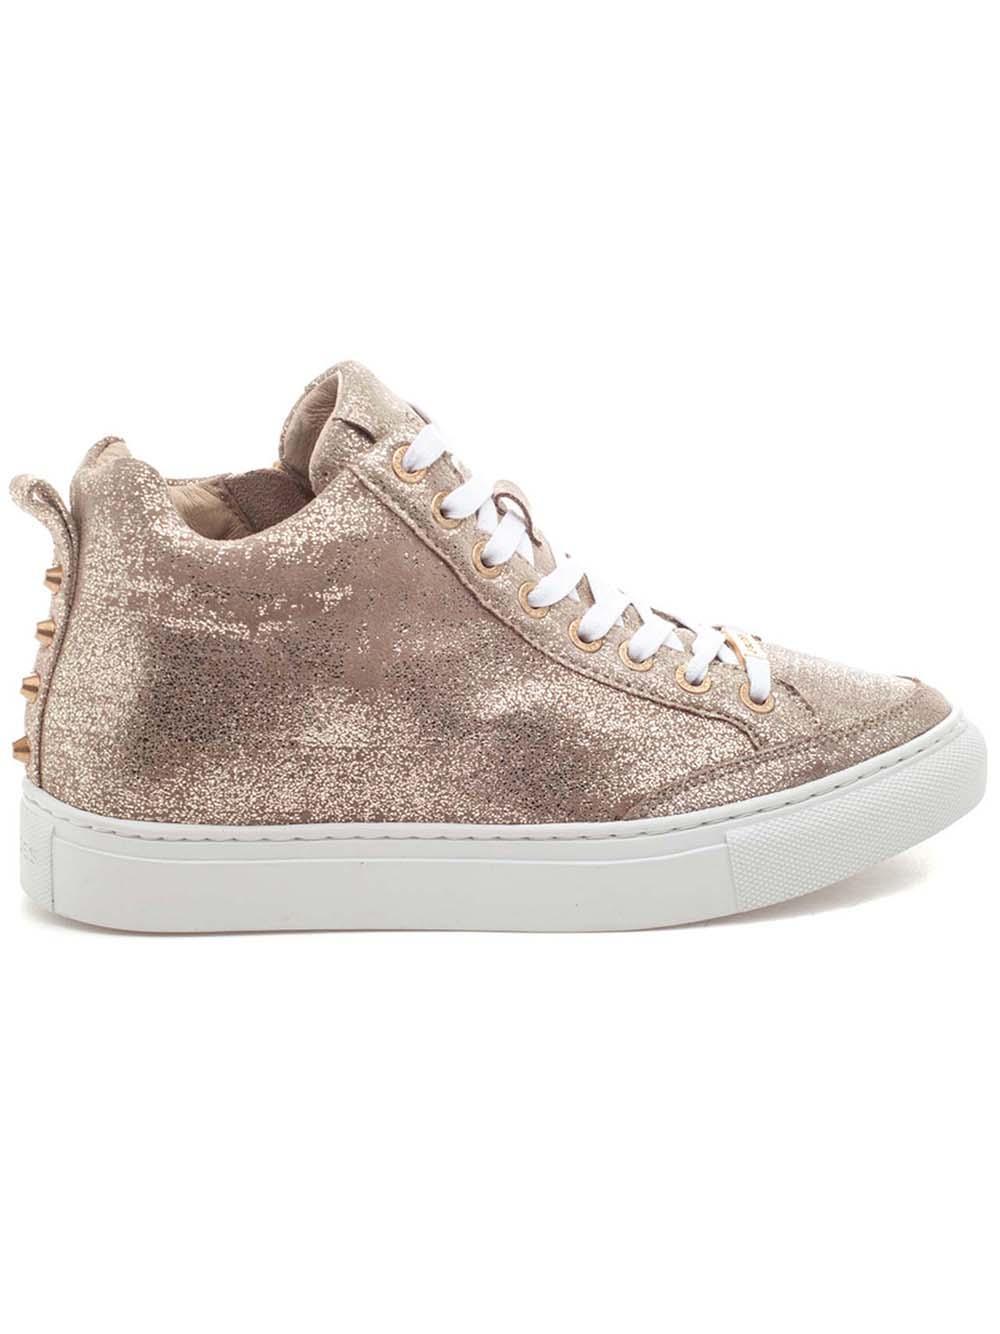 Ludlow High Top Sneaker Item # LUDLOW